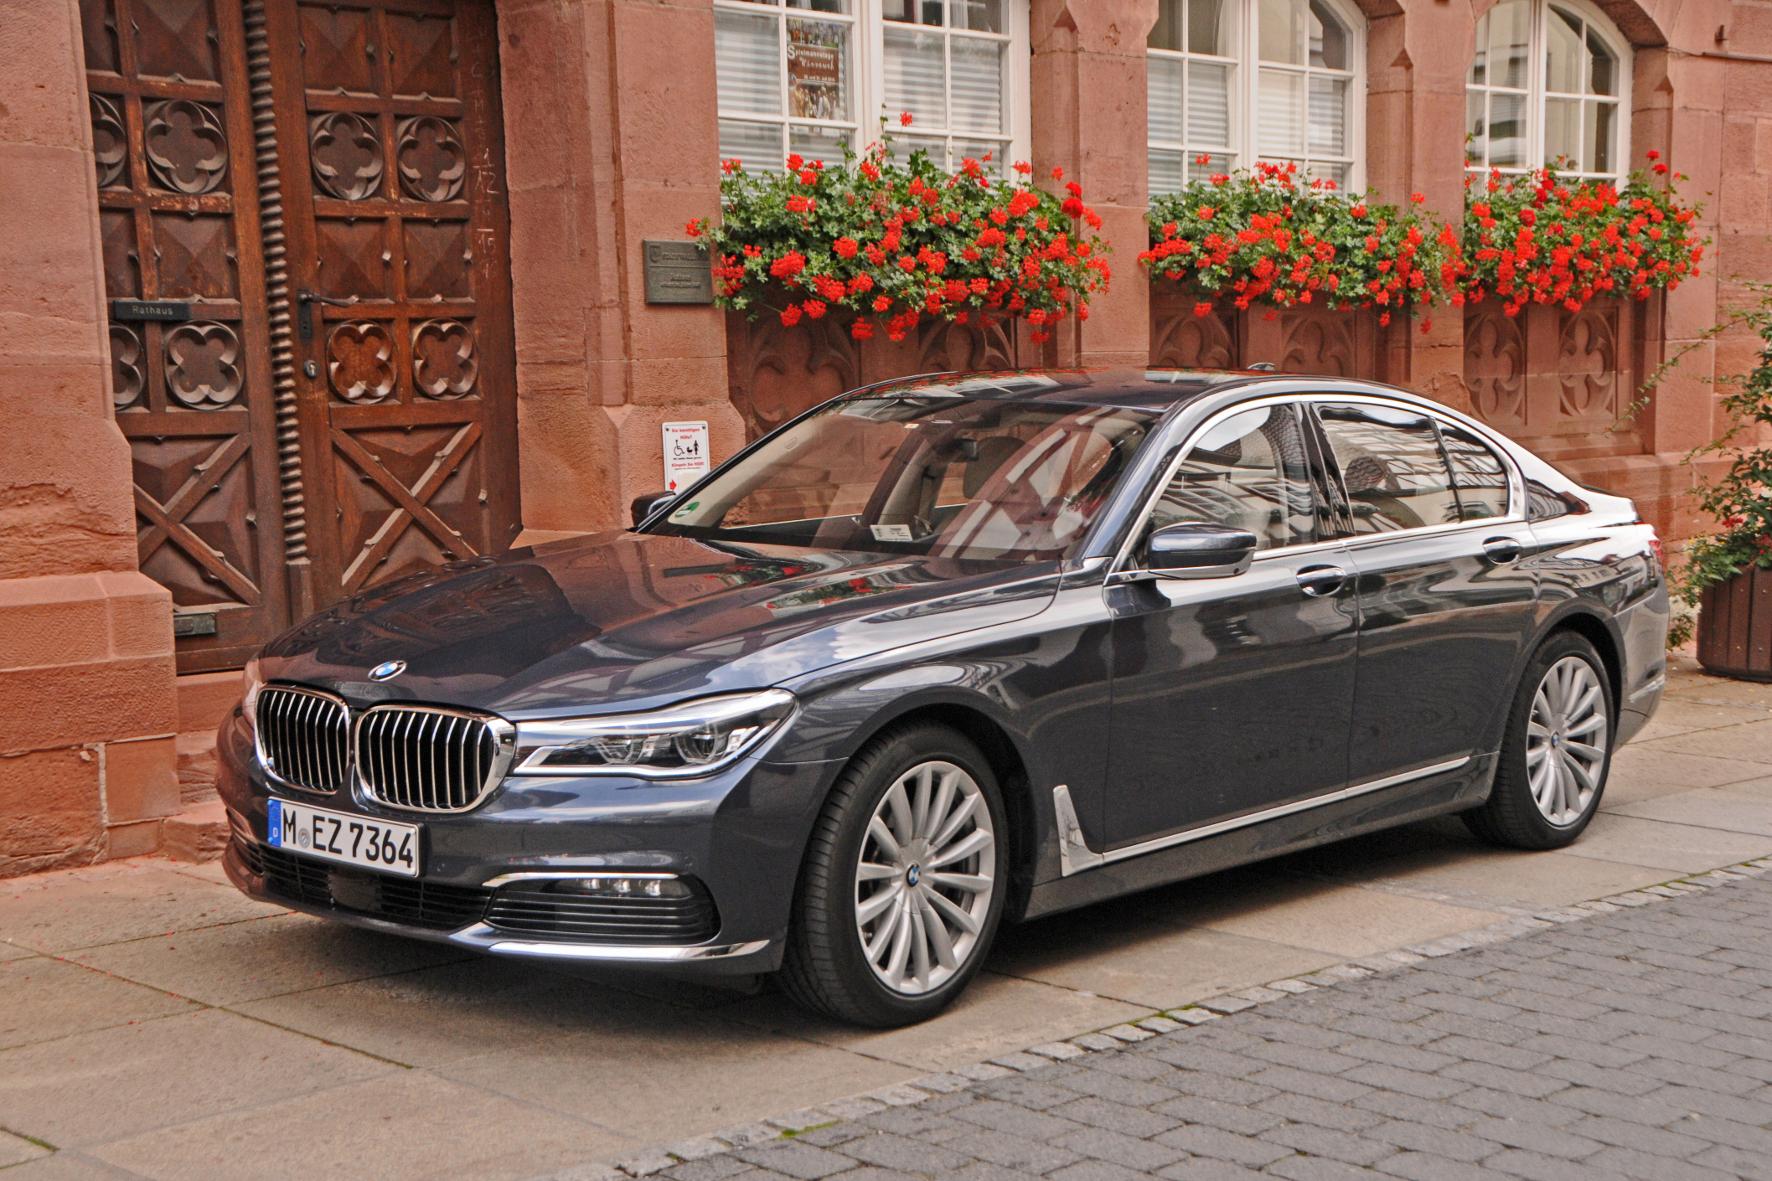 Fahrbericht Bmw 740i Neue Luxus Limousine In Bestform Magazin